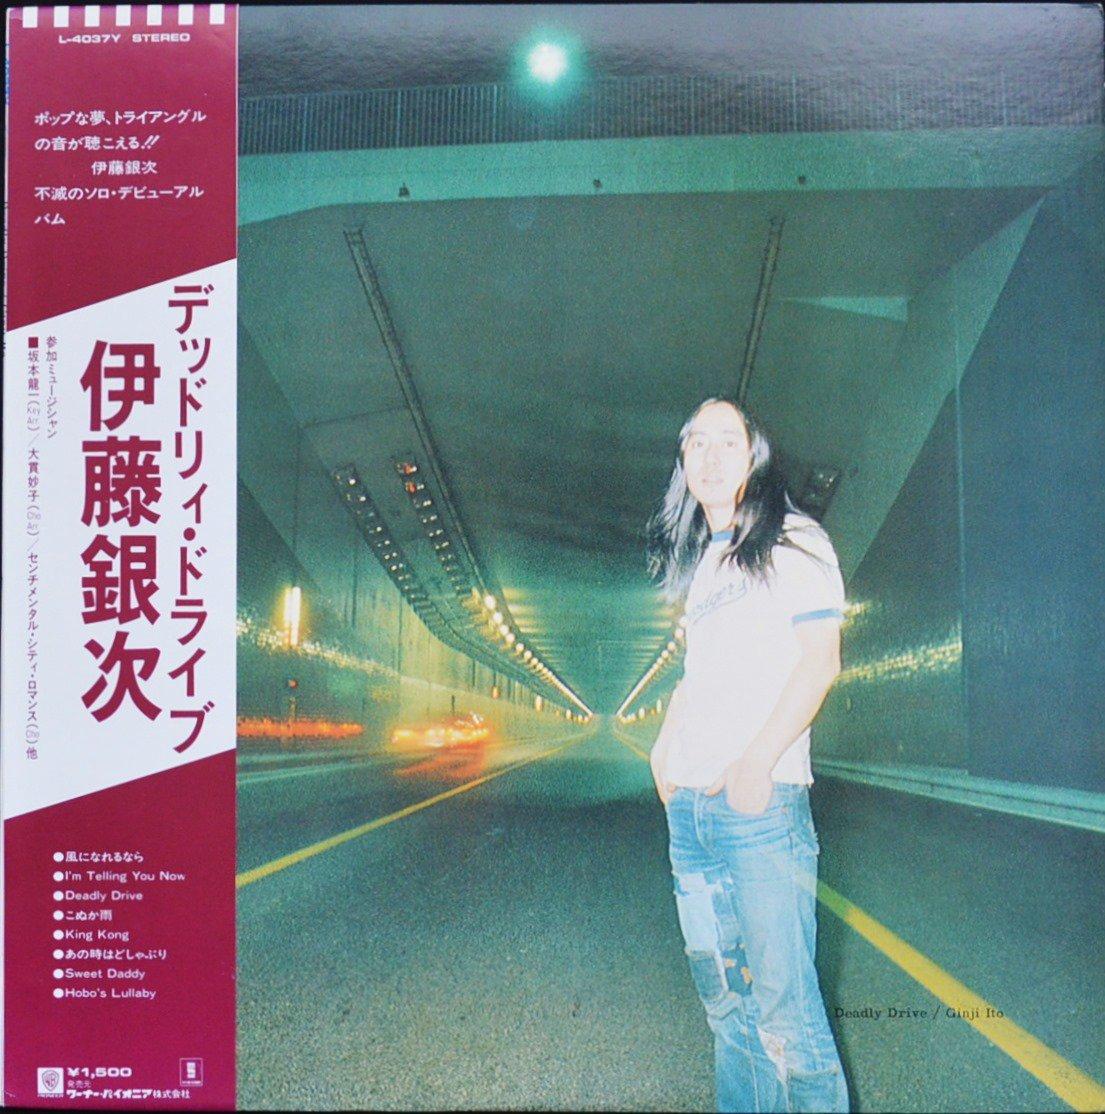 伊藤銀次 GINJI ITO / デッドリィ・ドライブ DEADLY DRIVE (LP)